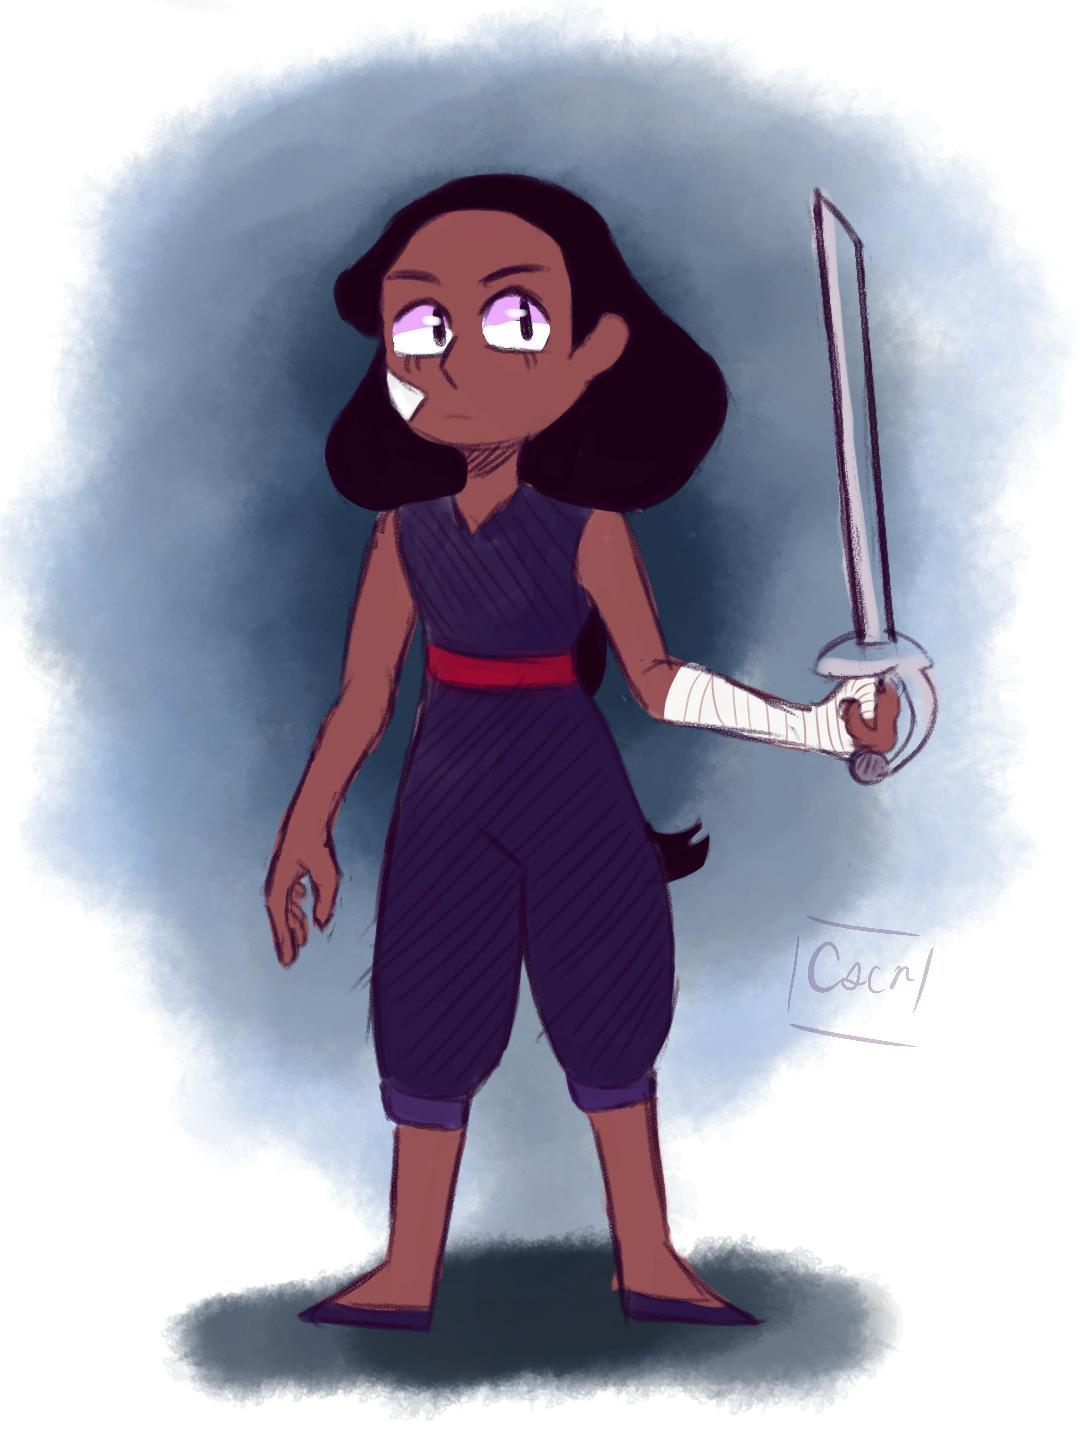 quick Connie doodle